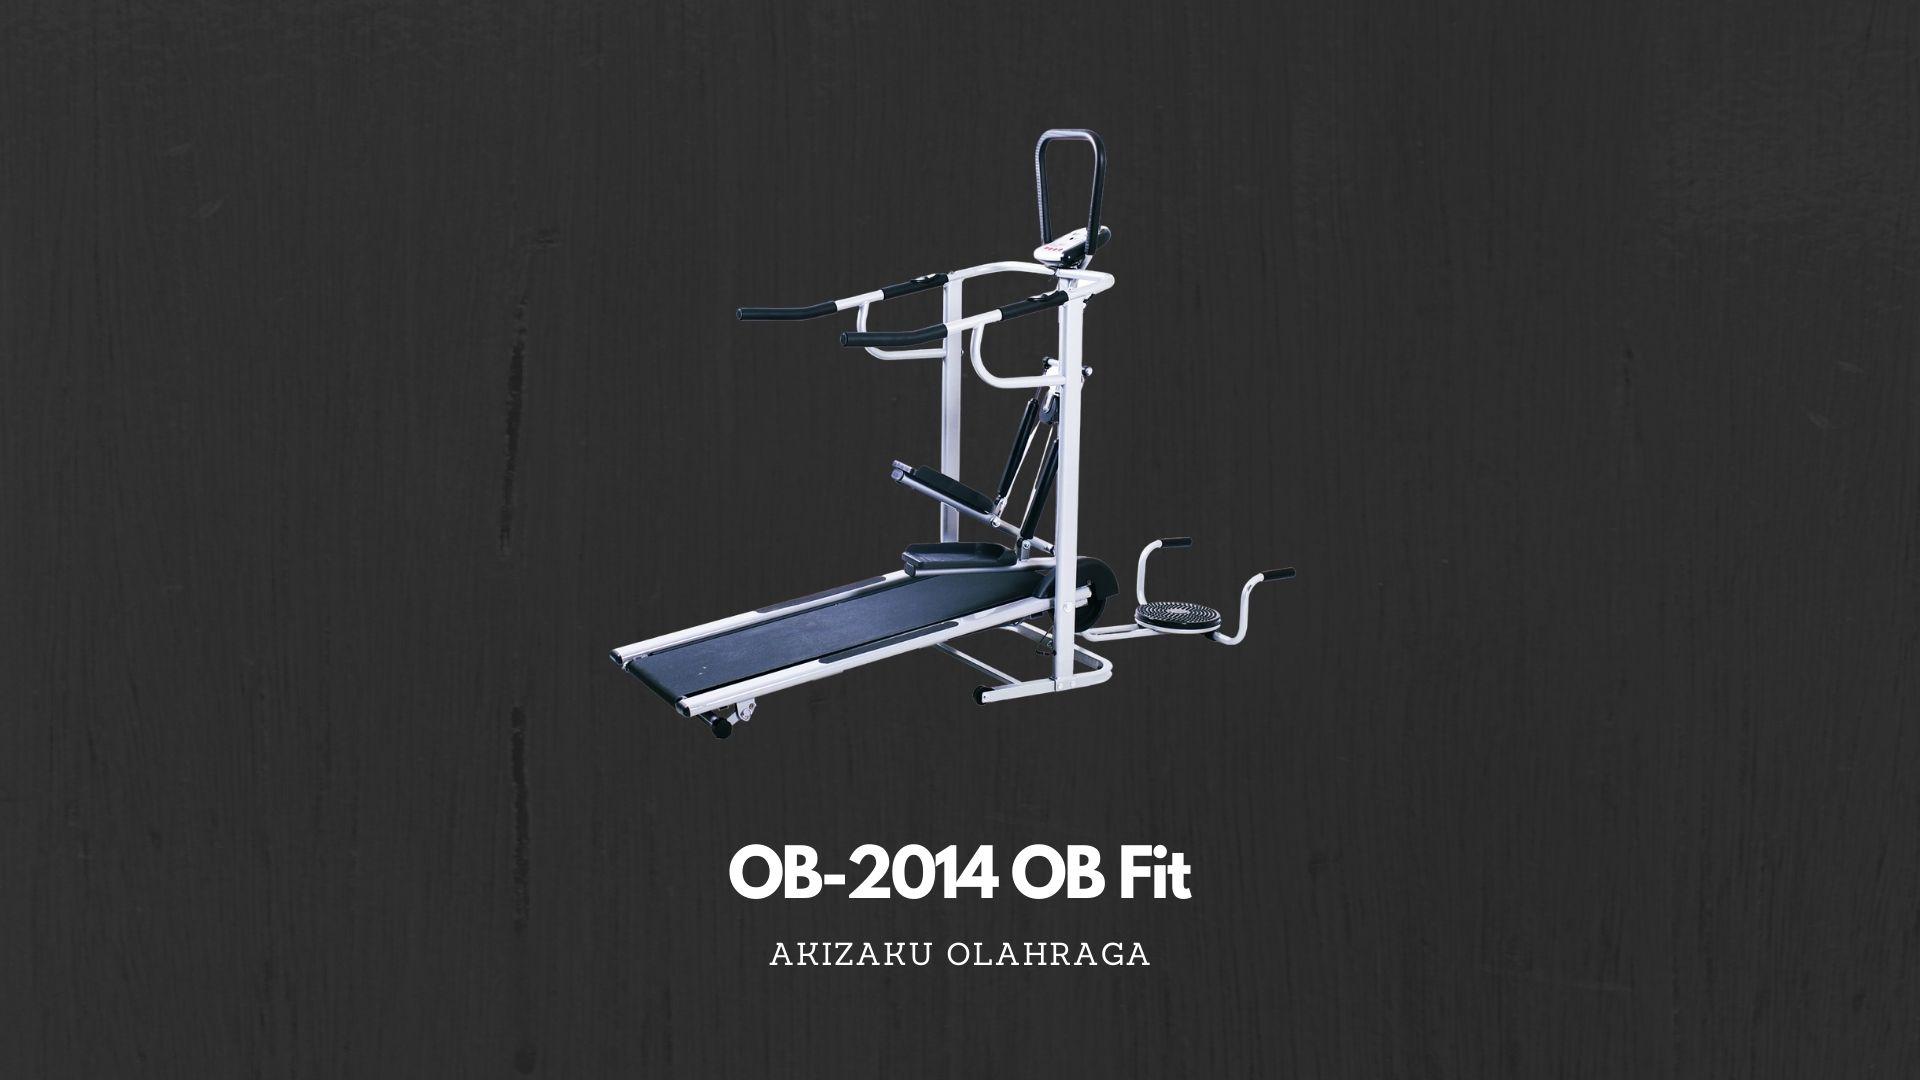 [Image: OB-2014-OB-Fit.jpg]